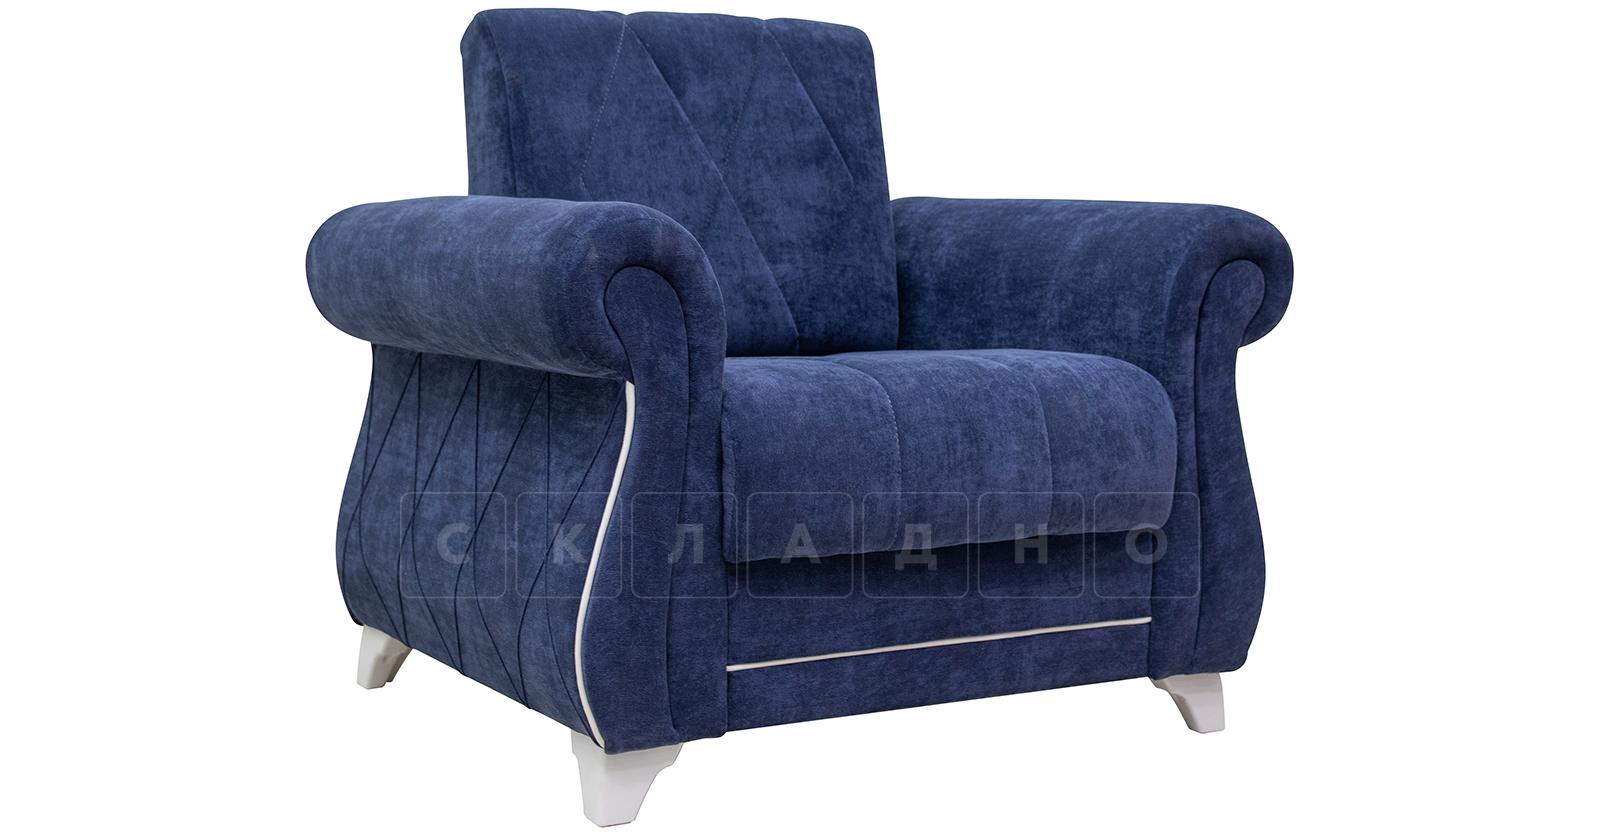 Кресло для отдыха Роза чернильный синий фото 1 | интернет-магазин Складно